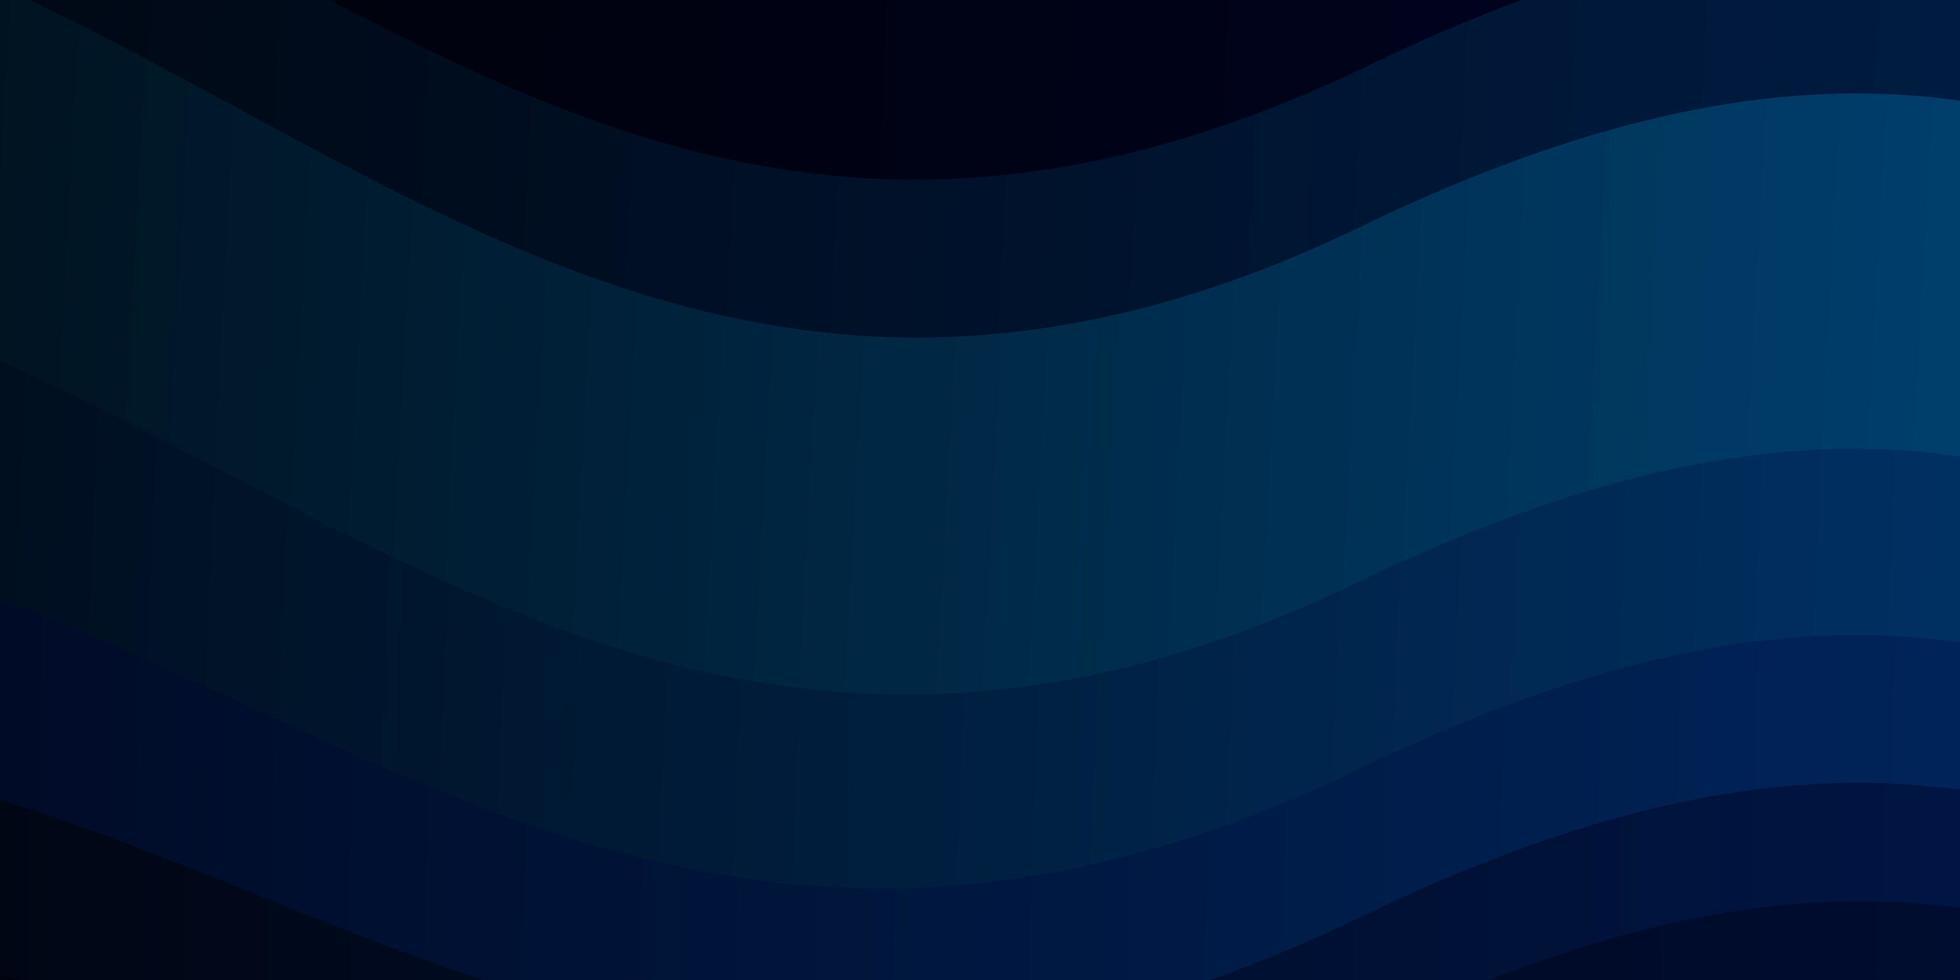 donkerblauw sjabloon met wrange lijnen. vector